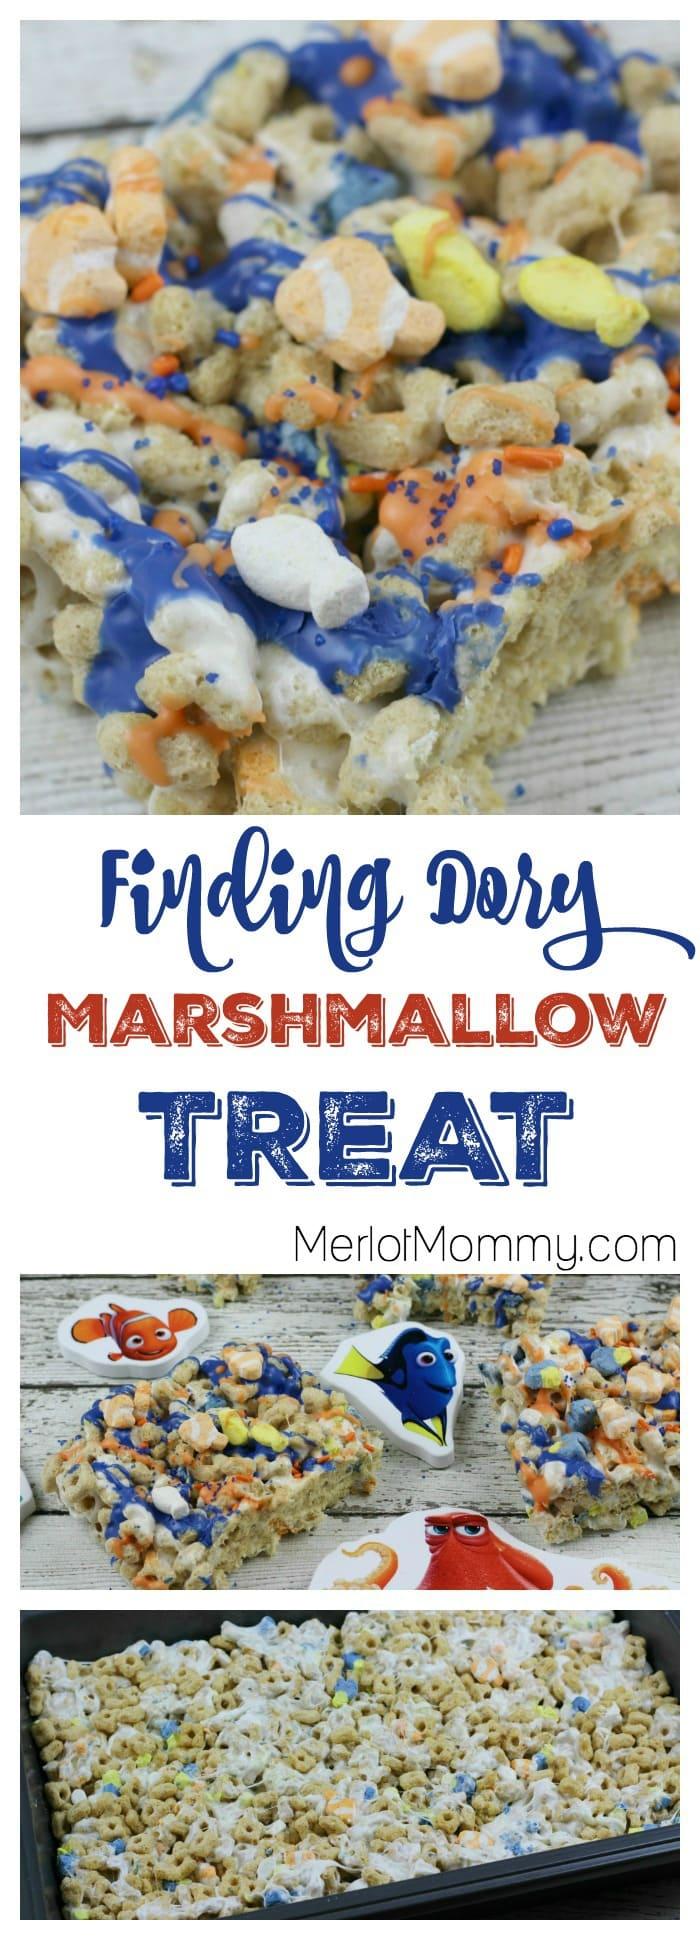 Finding Dory Marshmallow Treats